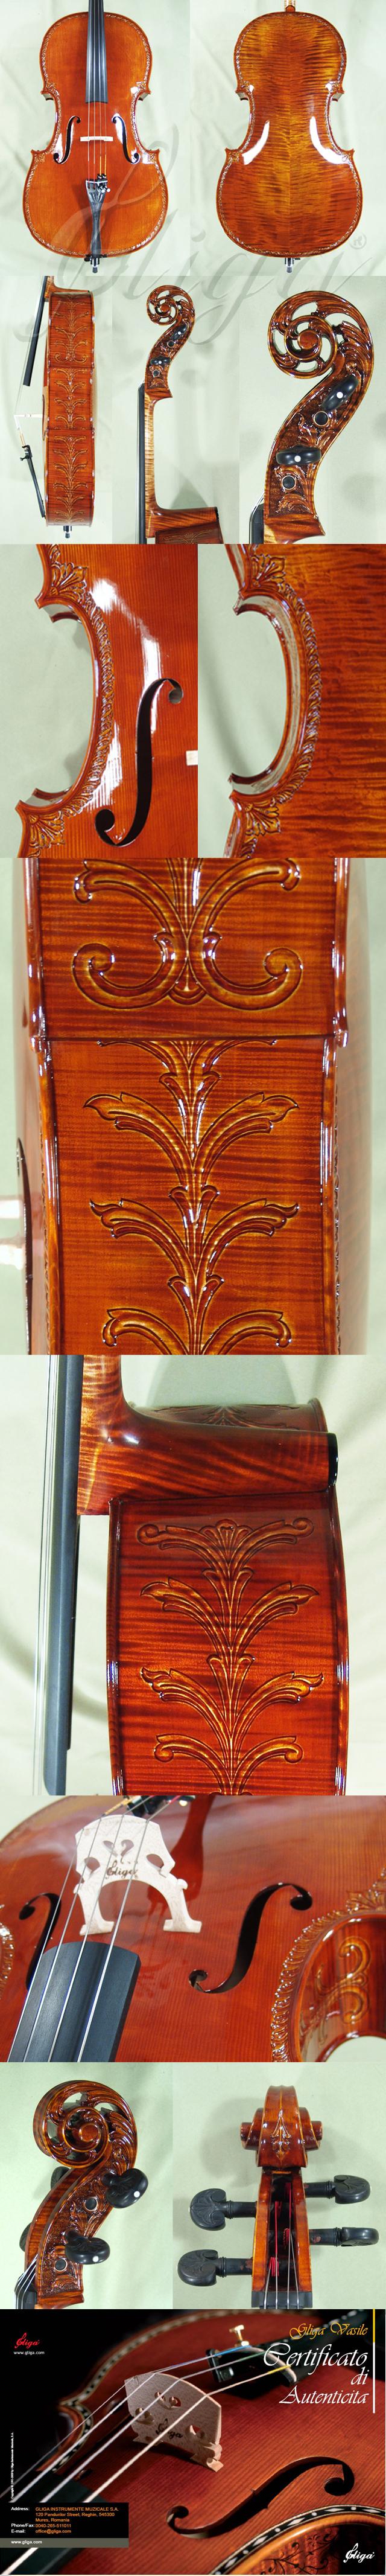 Shiny 4/4 MAESTRO VASILE GLIGA Scroll Cello